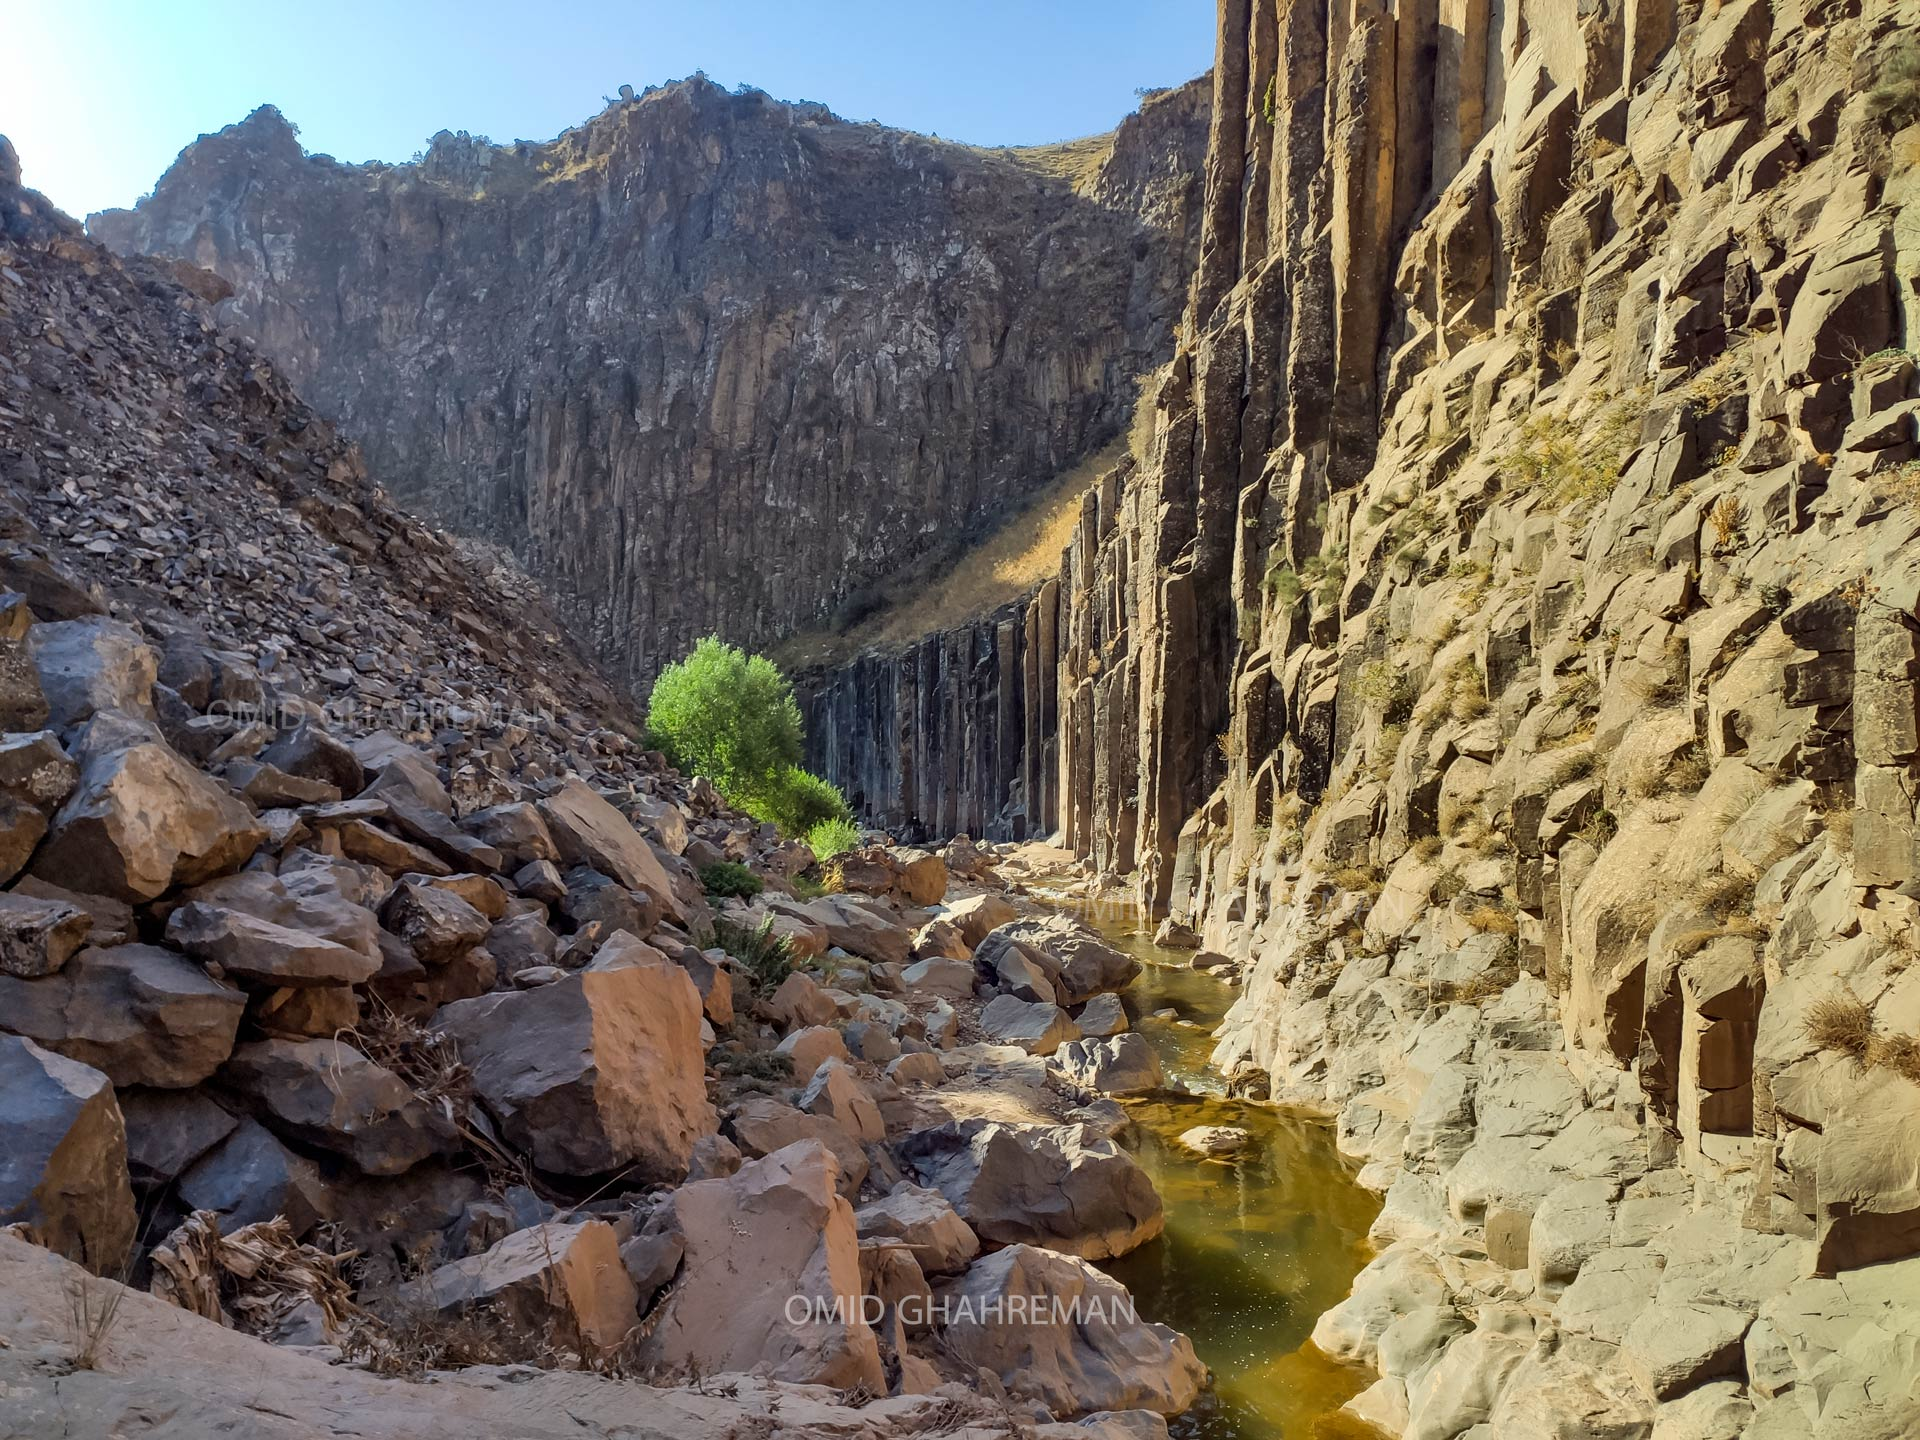 رودخانه درون دره و دیواره های آذرین